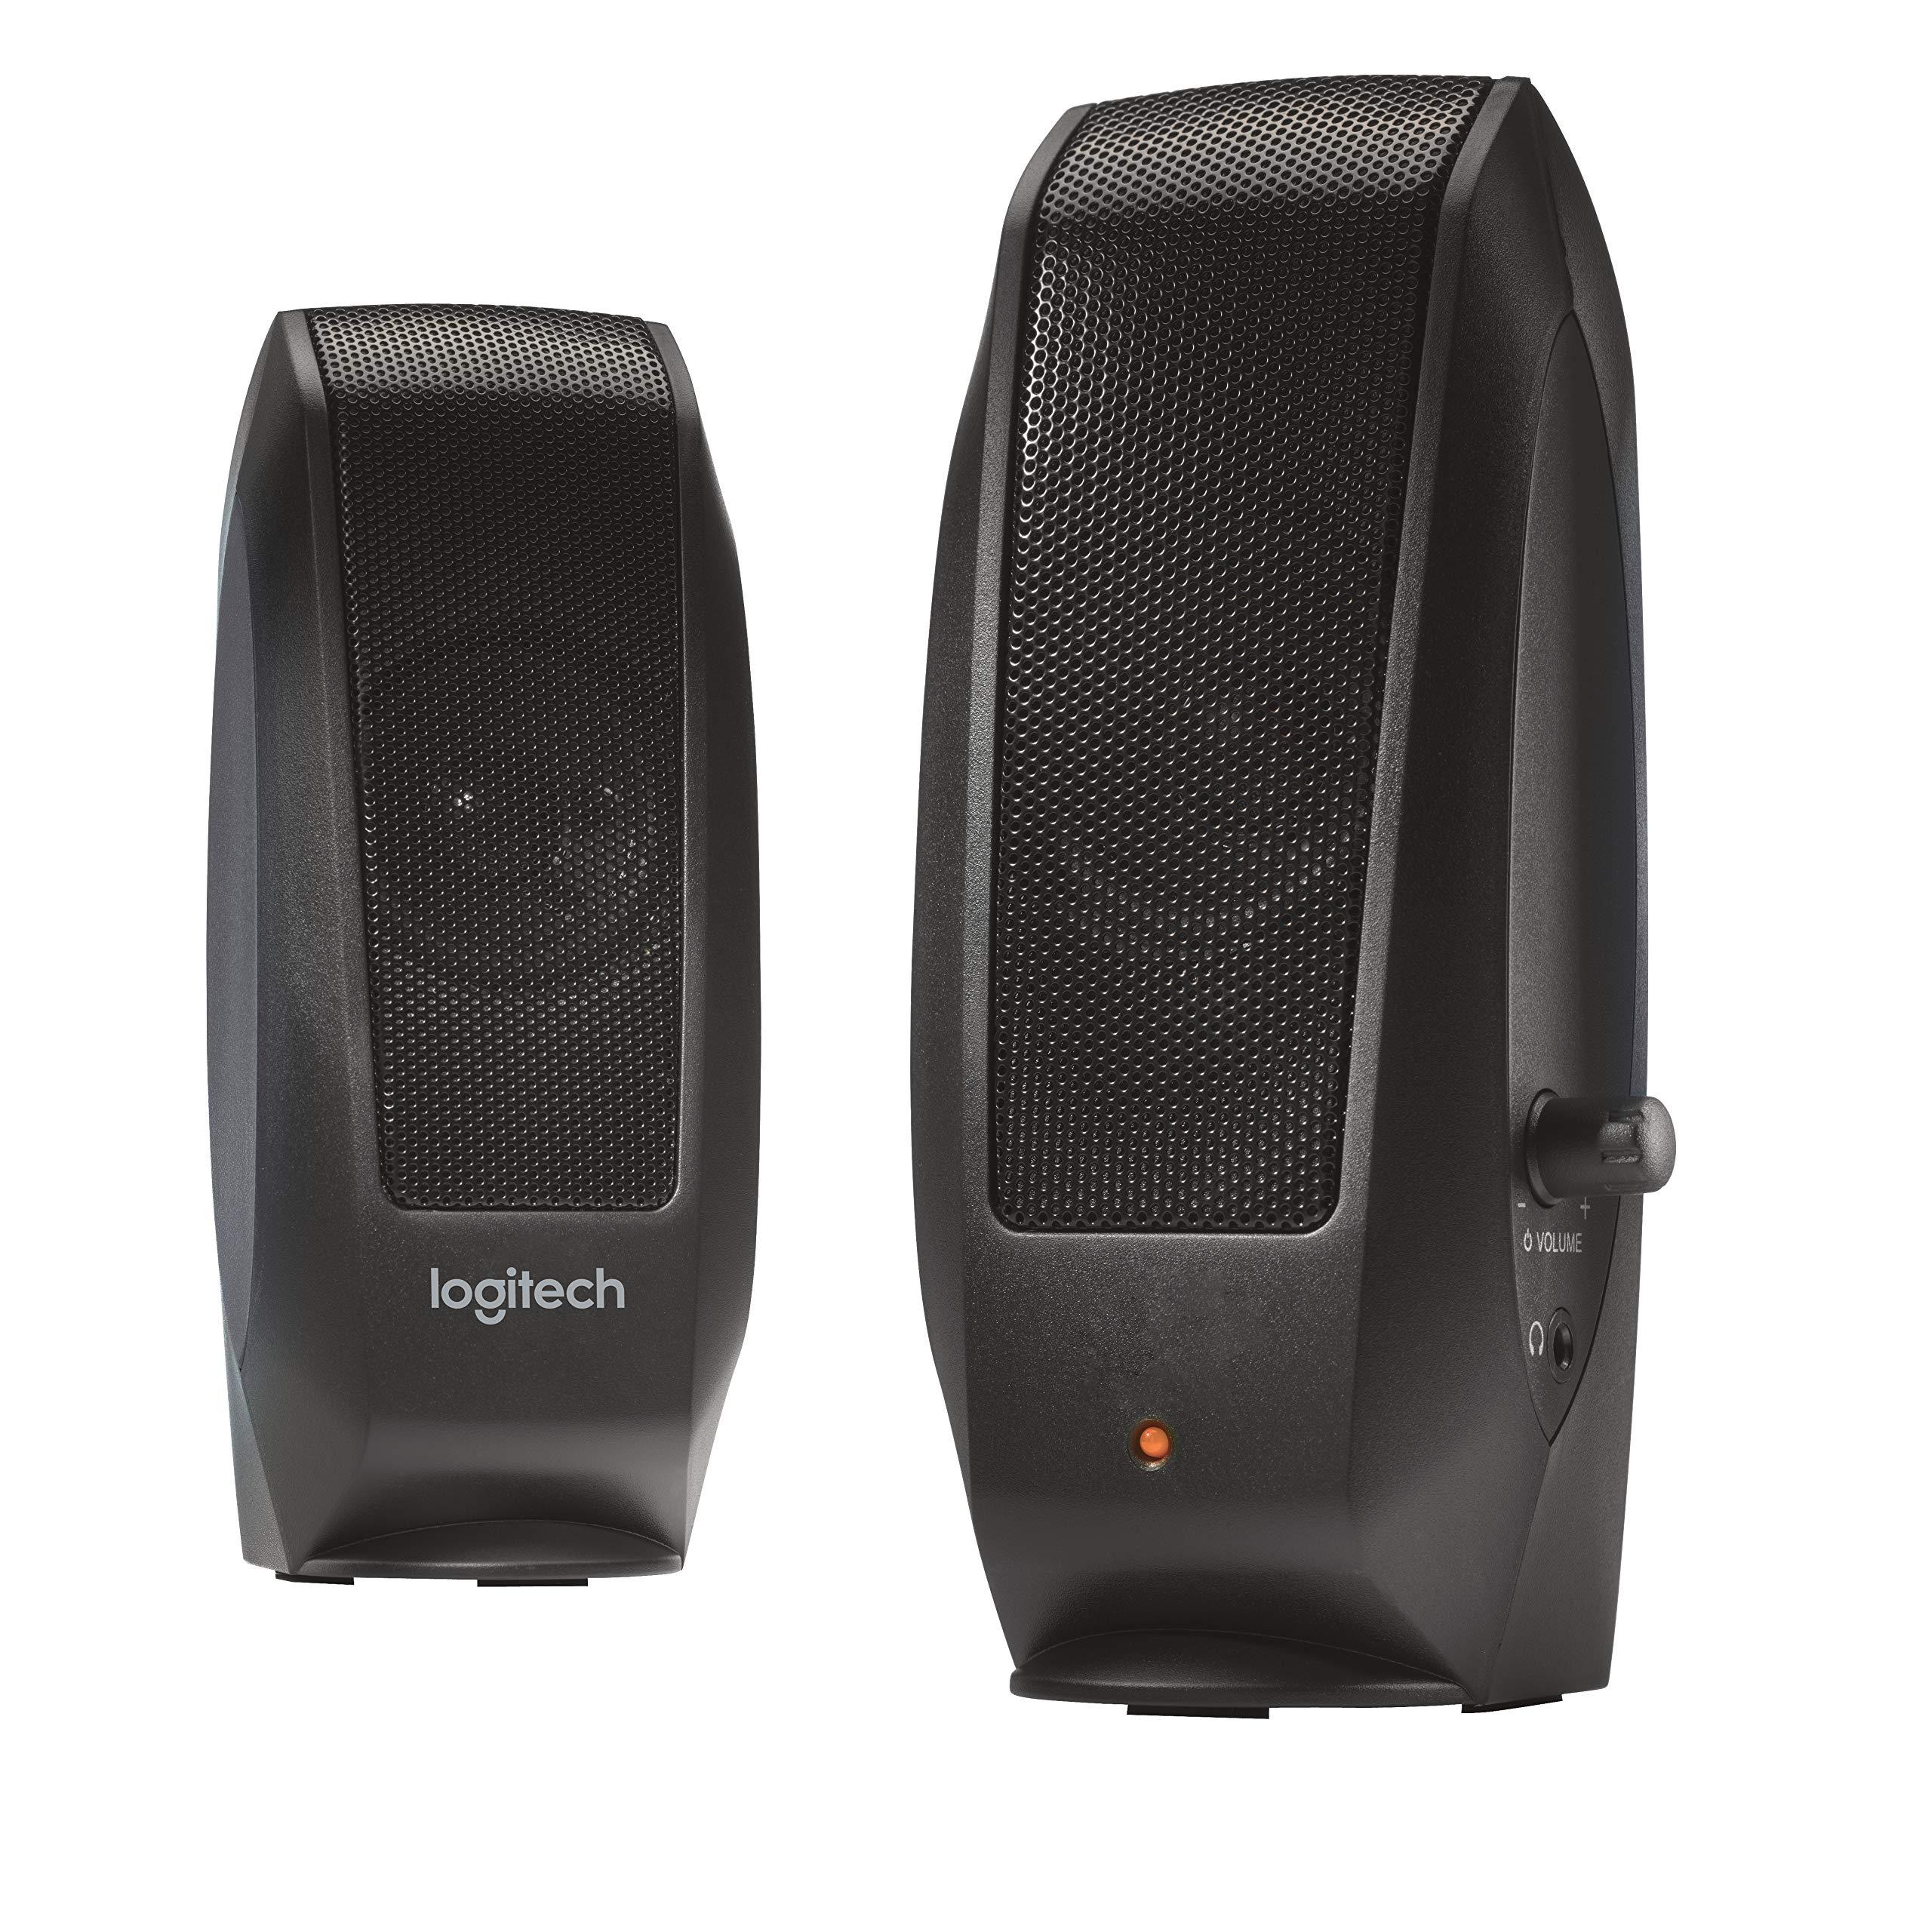 Logitech S120 2 0 Stereo Speakers